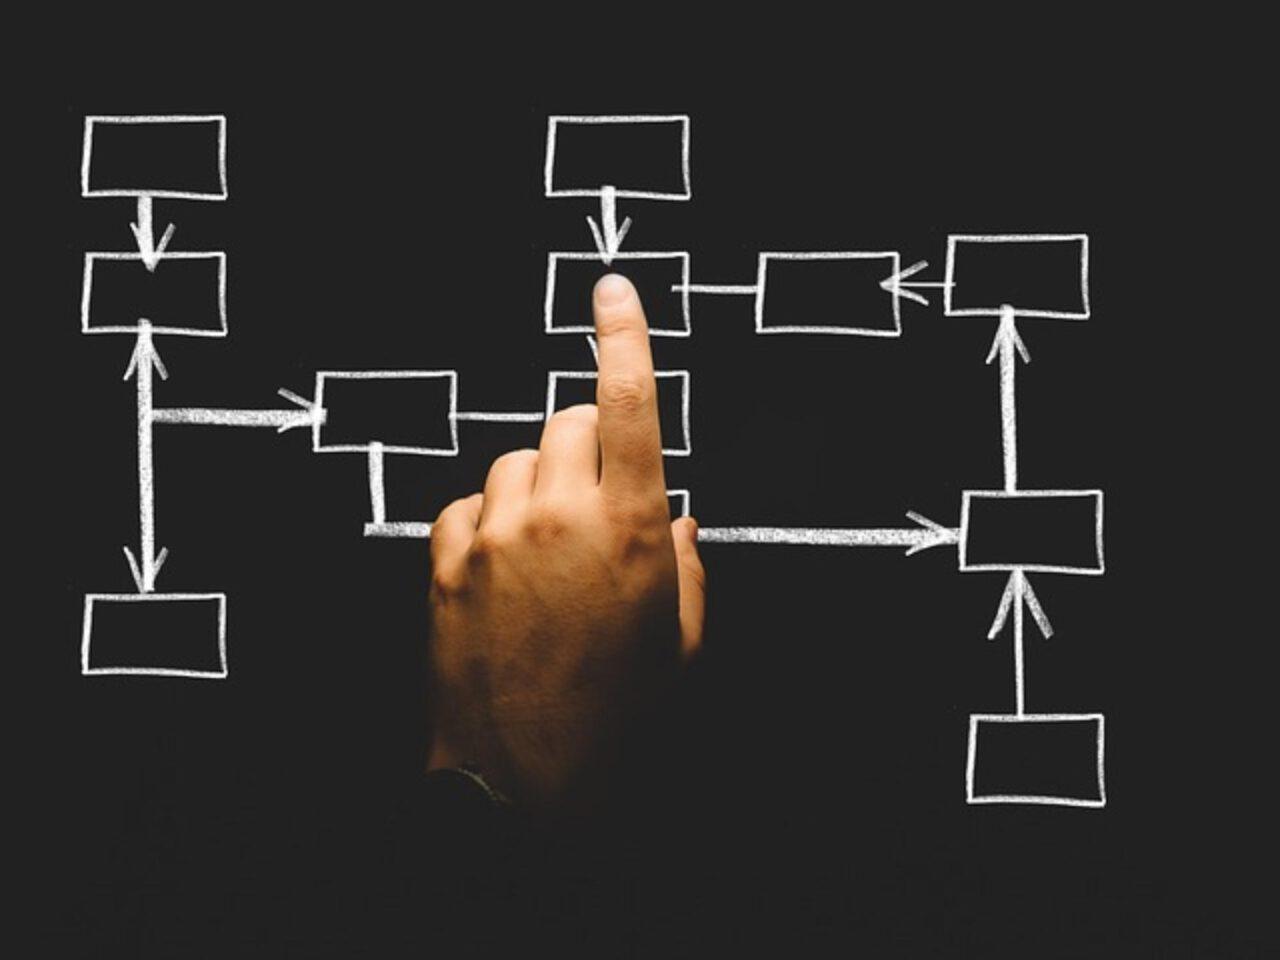 Kroki do założenia działalności gospodarczej- wszystko, co trzeba wiedzieć przed założeniem własnej firmy